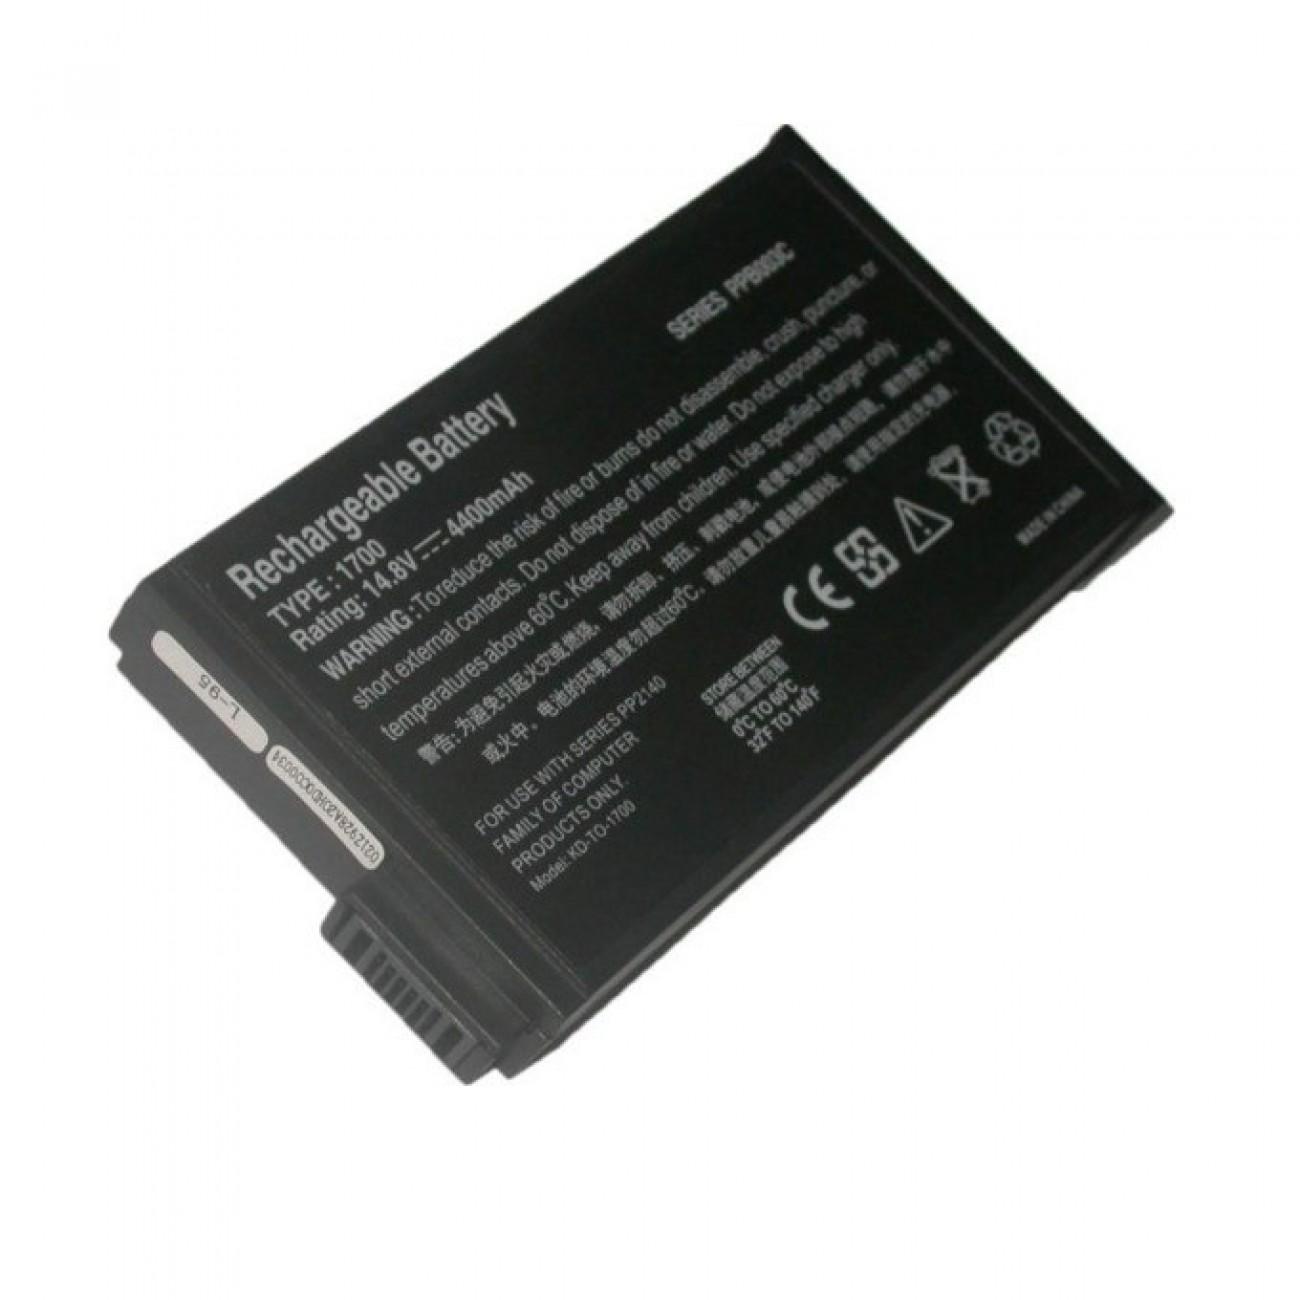 Батерия за HP Compaq, съвместима с  EVO N1000/NC6000/NC8000/NX5000/Presario 1700/1500, 8cell, 14.4V в Батерии за Лаптоп -    Alleop